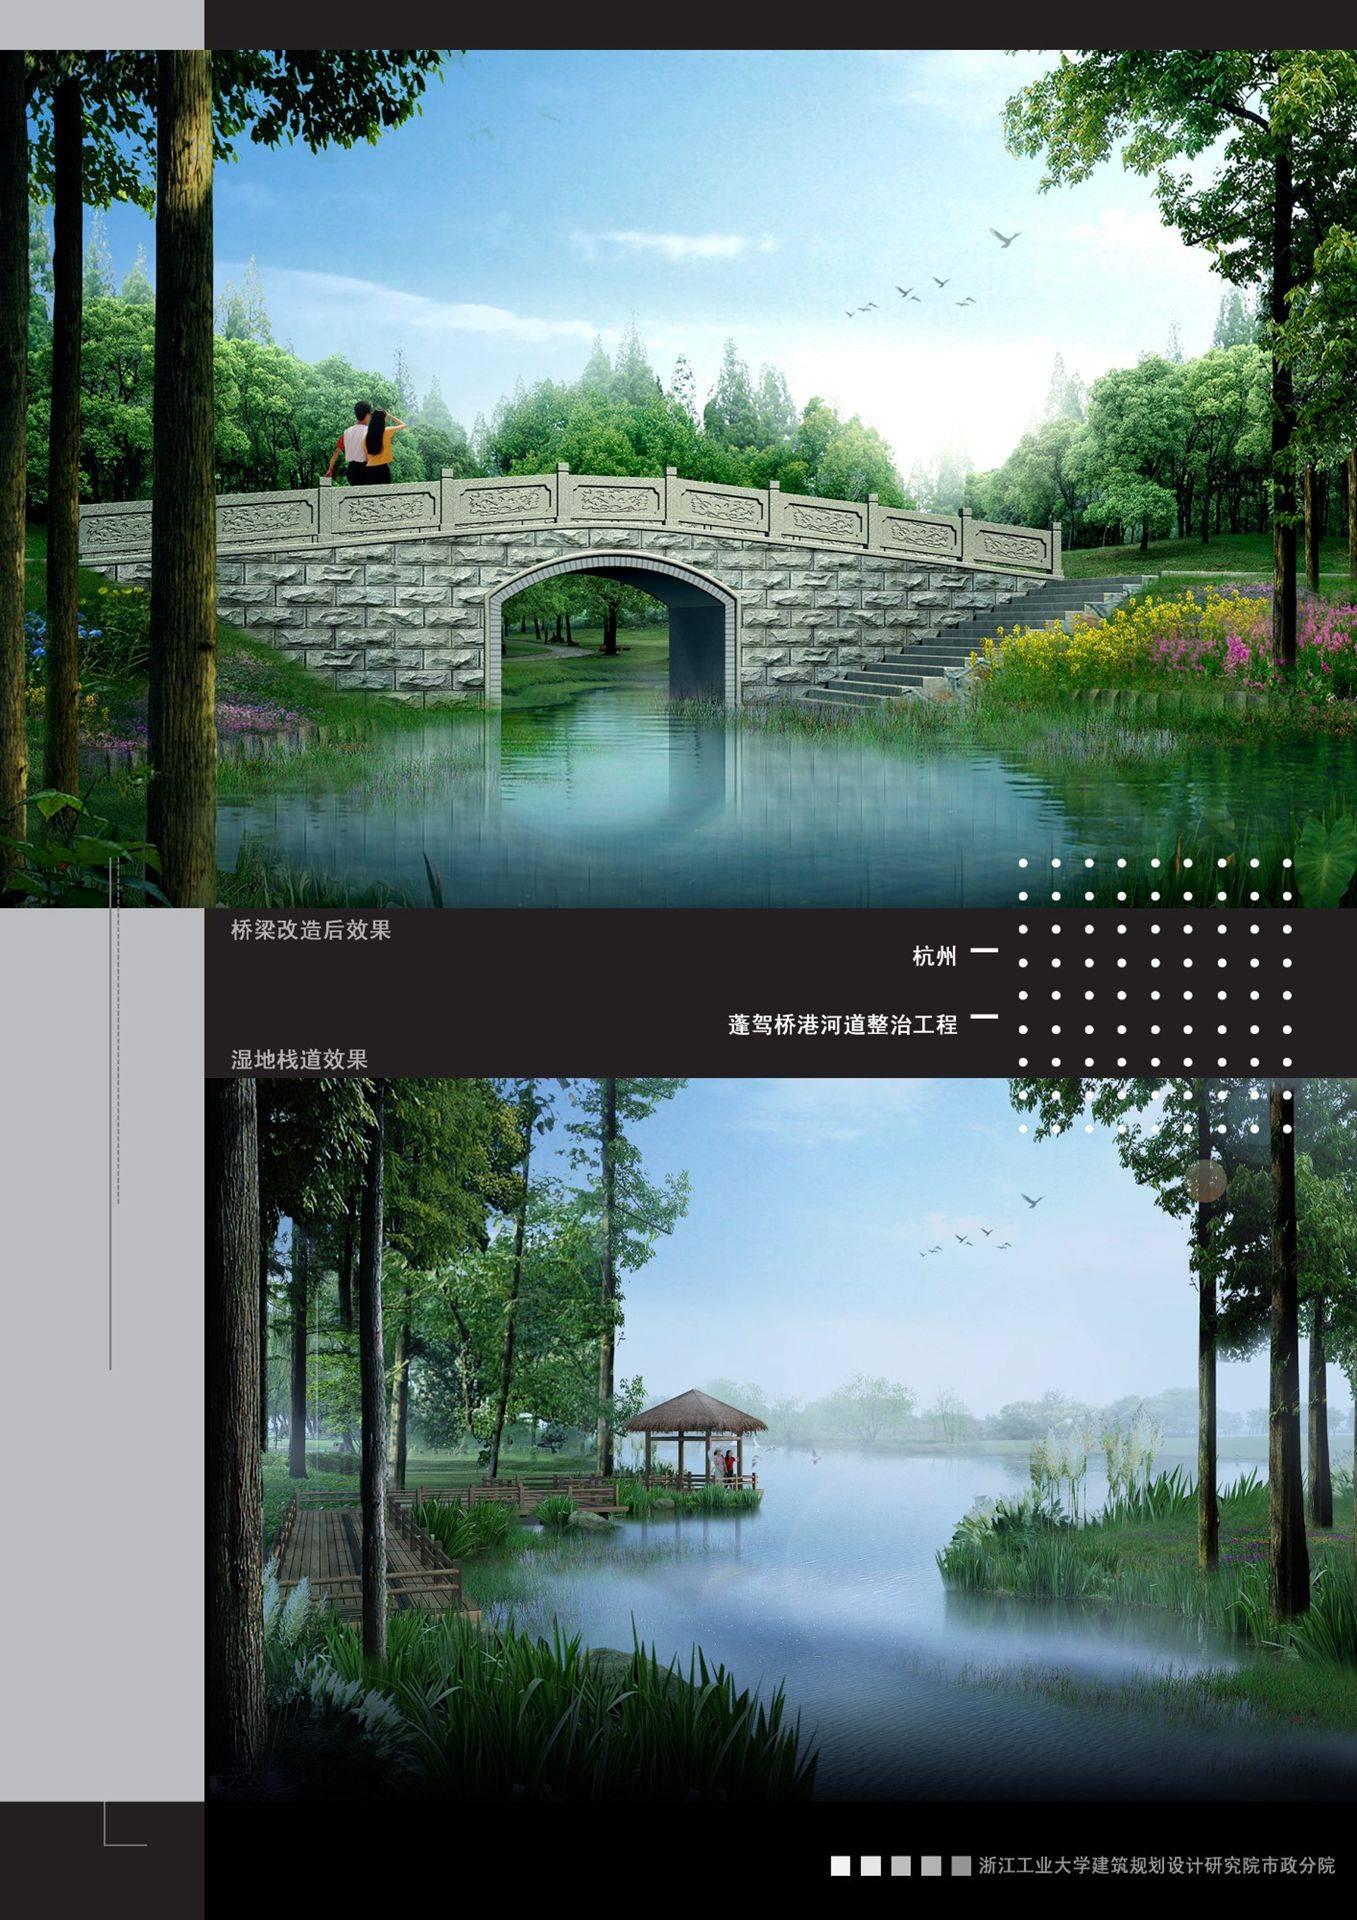 杭州市蓬驾桥河道整治工程